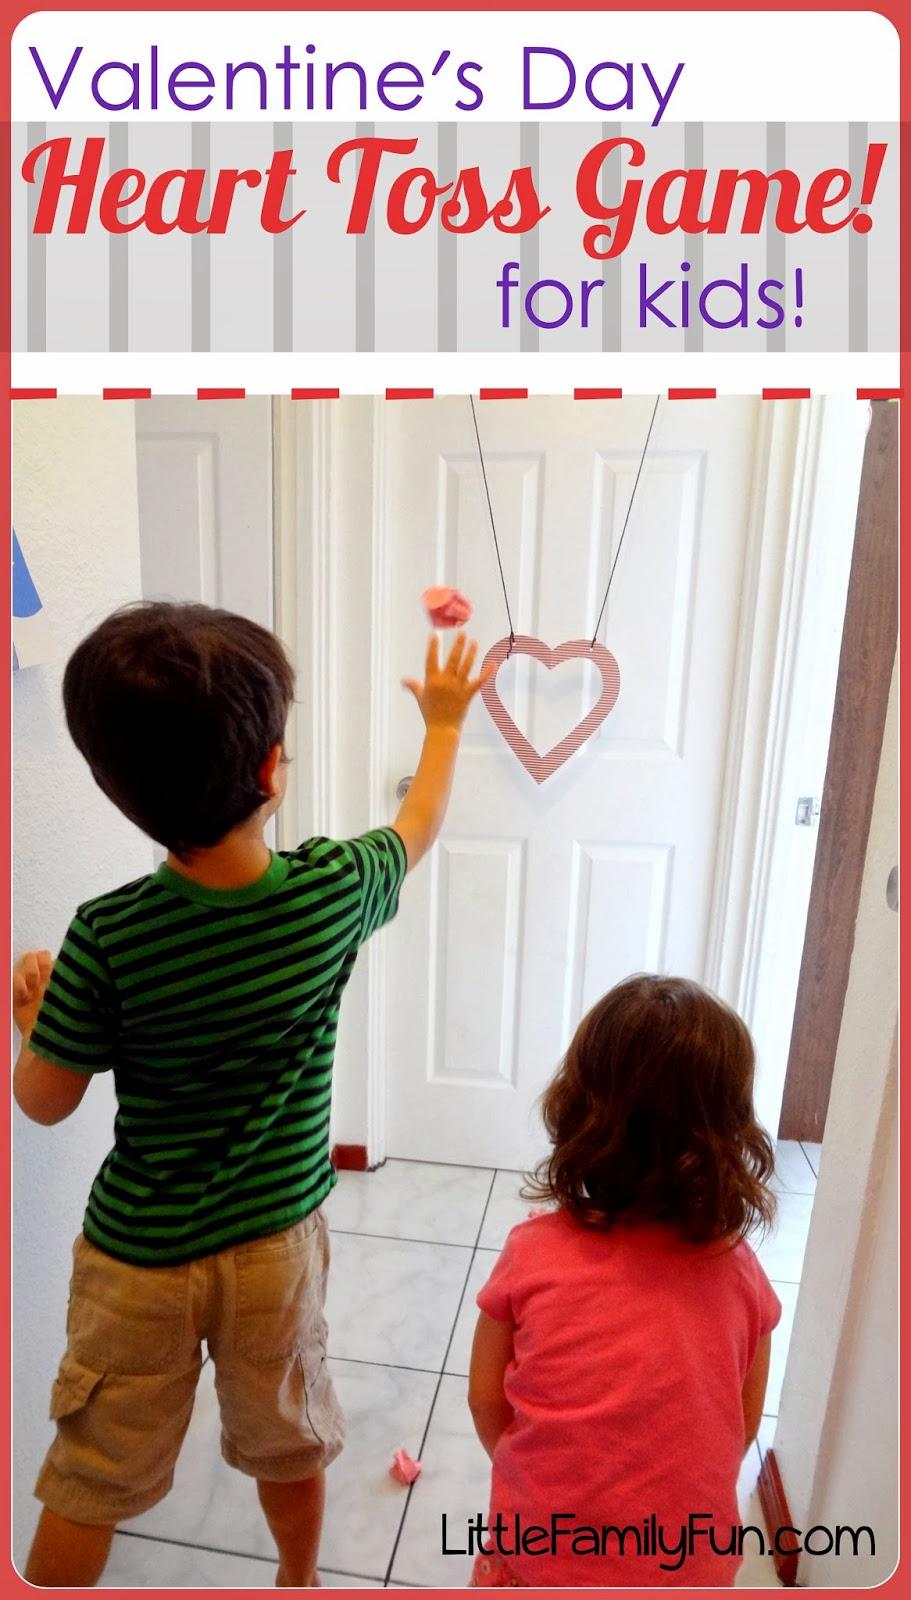 http://www.littlefamilyfun.com/2014/01/valentines-day-heart-toss-game.html